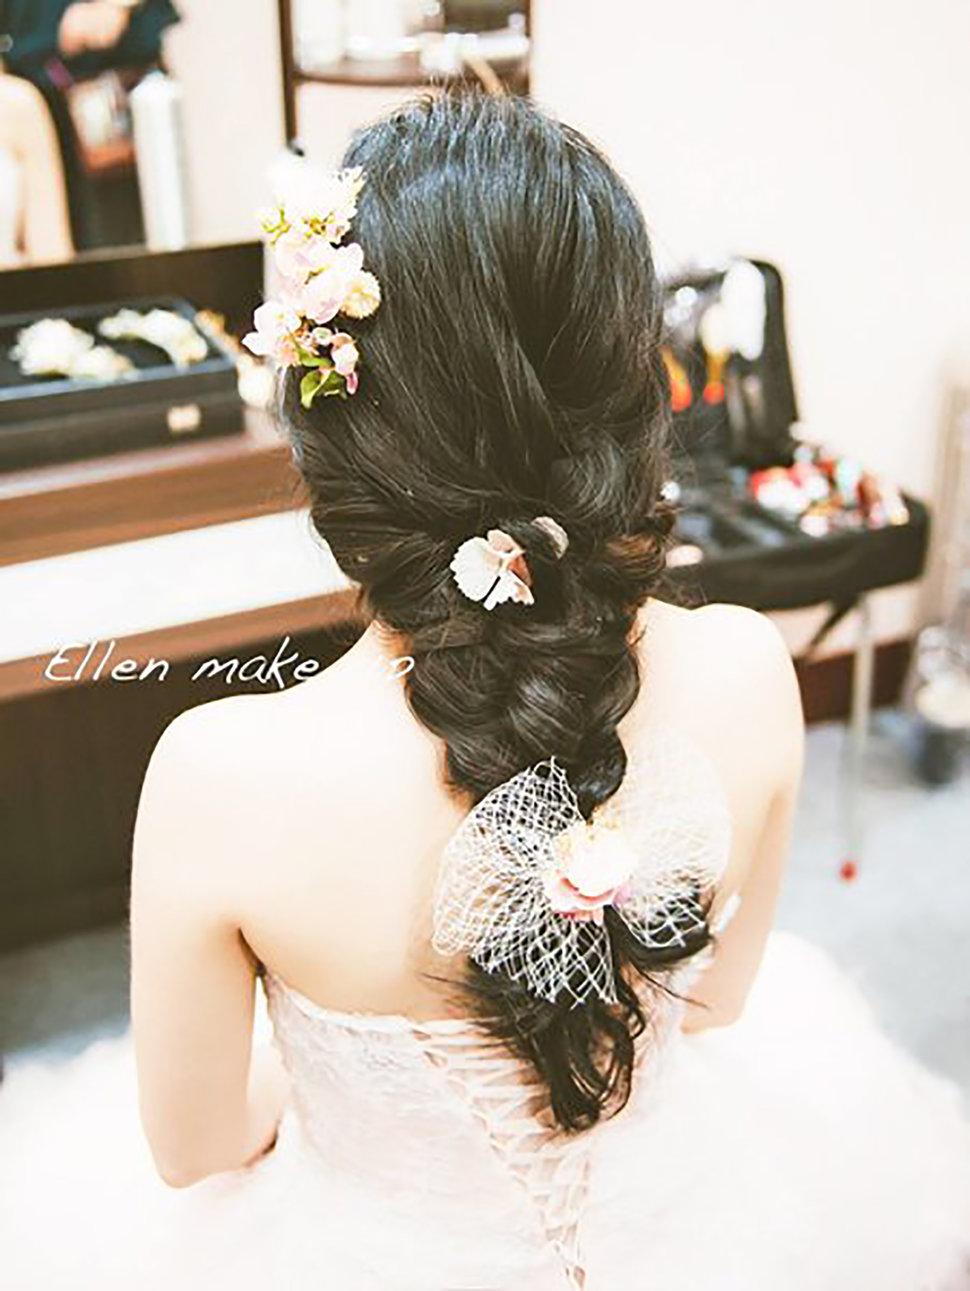 152937666082843500_auto_450x599 - Ellen wang stylist《結婚吧》